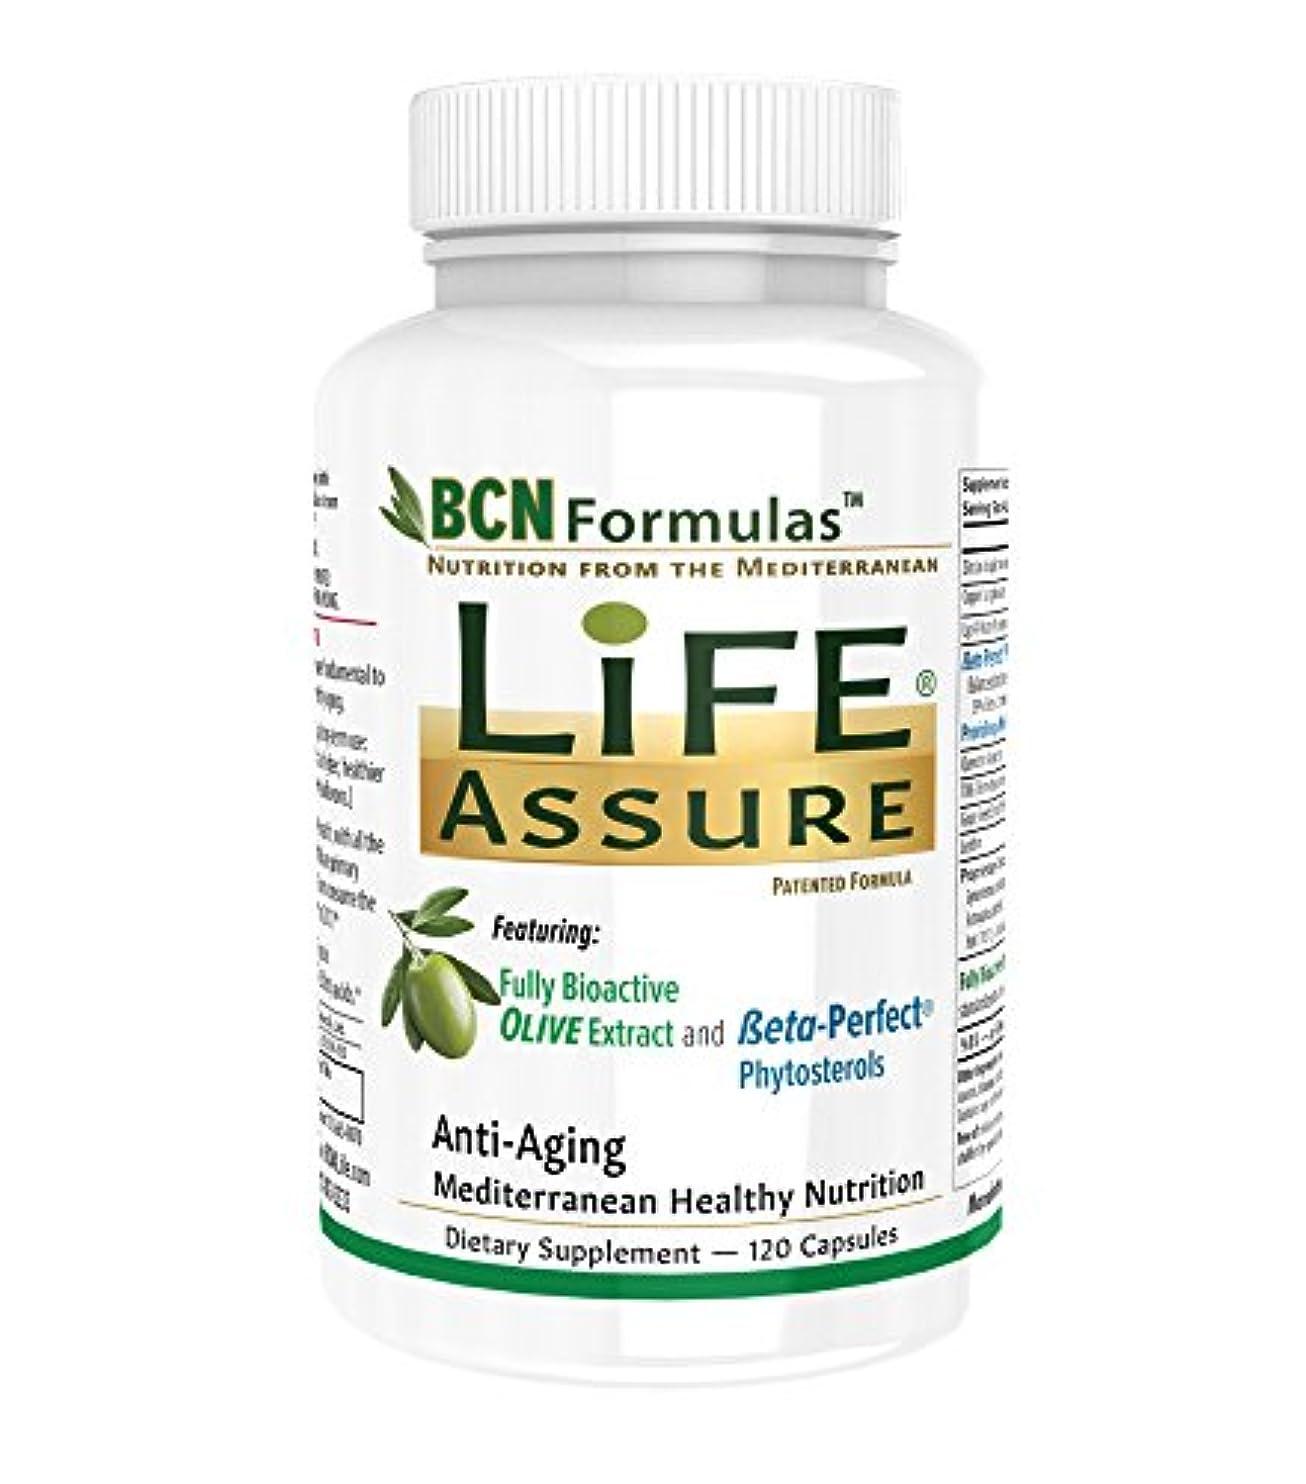 論争十年専制BCN Formulas Life Assure アンチ エイジング フォーミュラ(120カプセル)